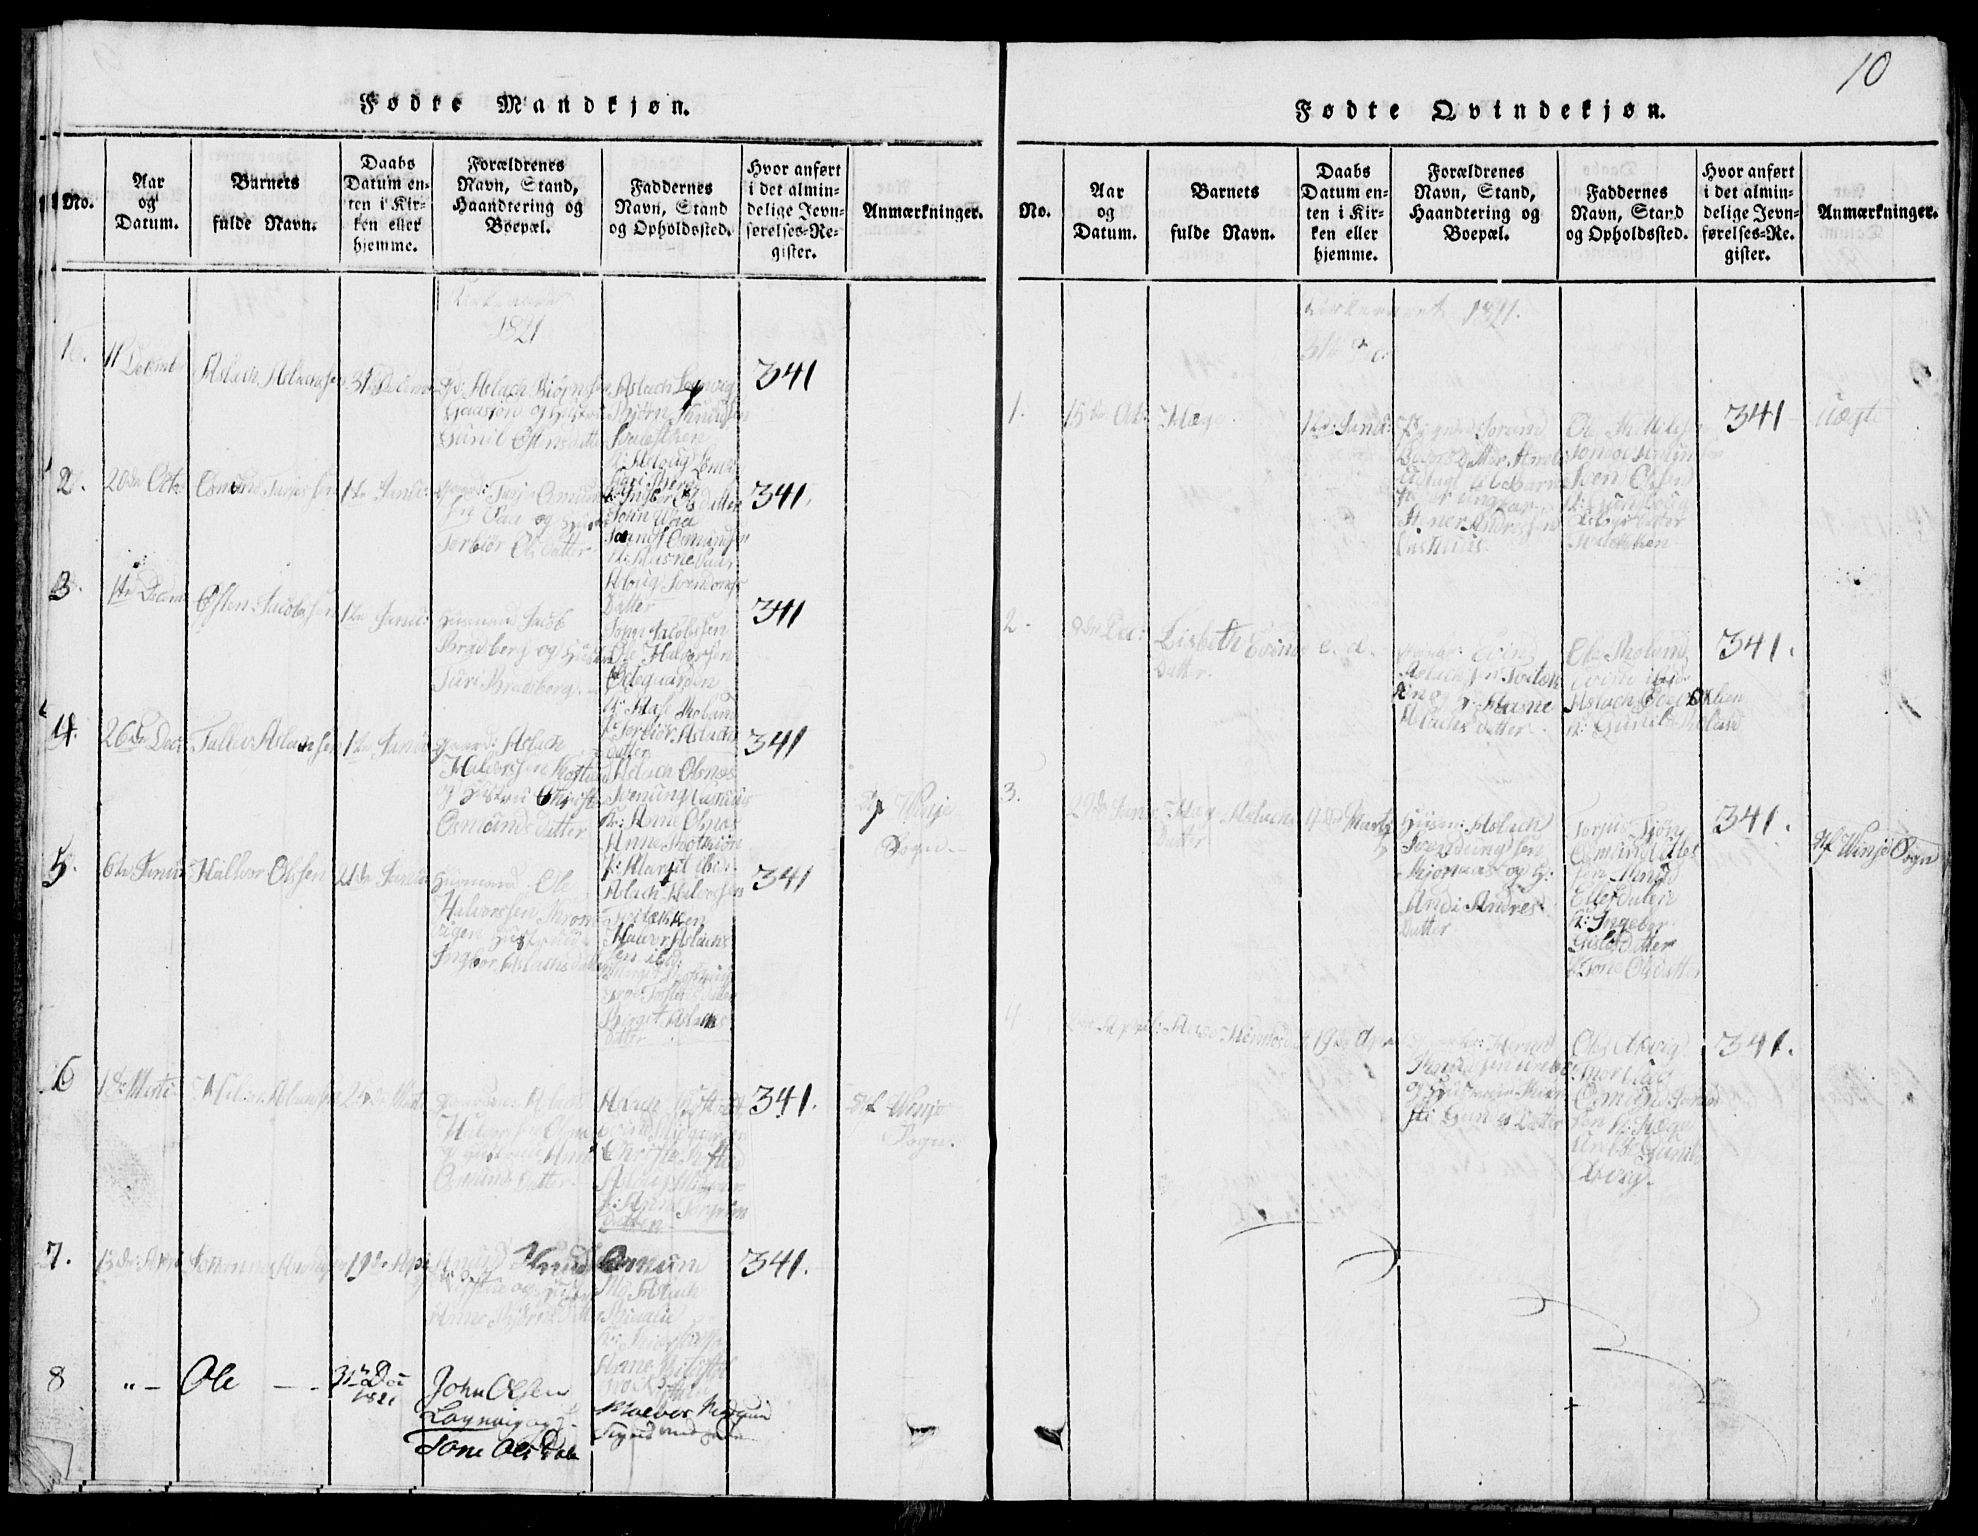 SAKO, Rauland kirkebøker, G/Ga/L0001: Klokkerbok nr. I 1, 1814-1843, s. 10